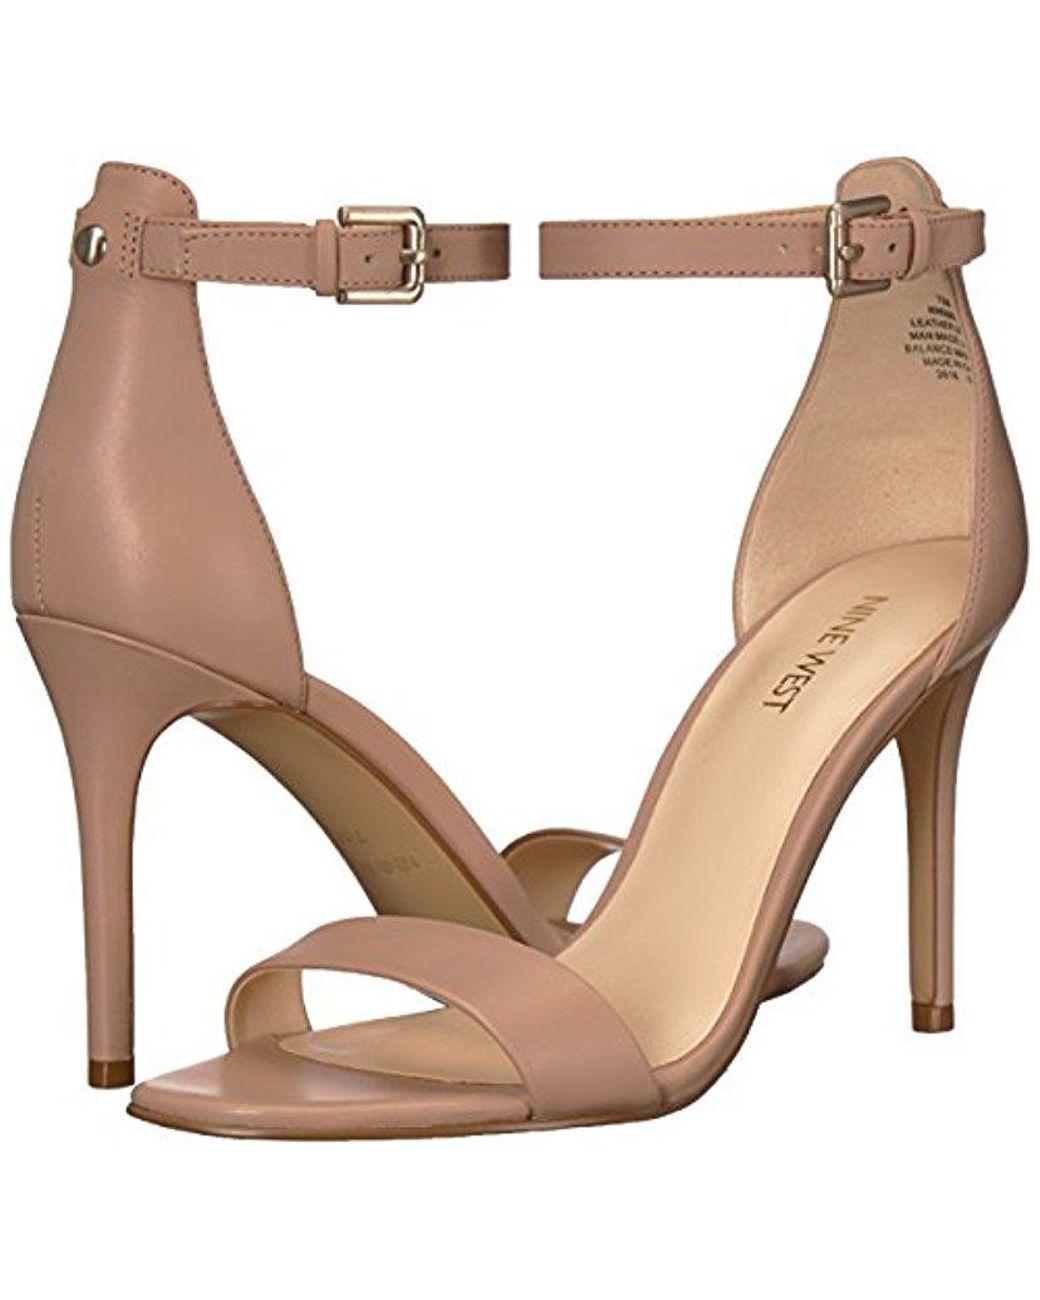 c341465de8ef Lyst - Nine West Mana Leather Heeled Sandal in Natural - Save 75%